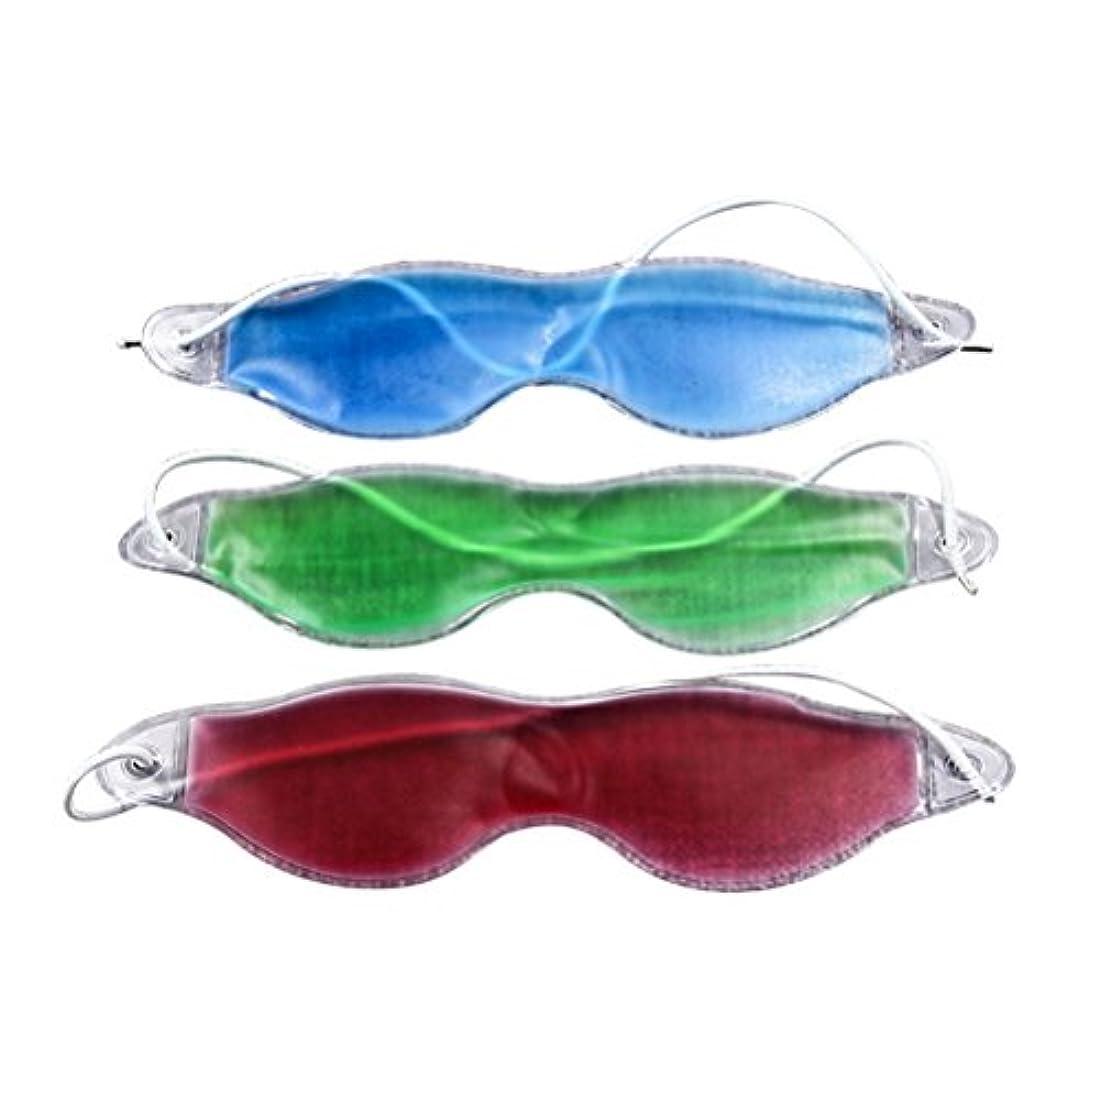 SUPVOX 3ピースアイスアイマスクリラックス治療冷却ジェルコールドセラピーアイマスク用緩和ダークサークルアイパフネス飛行機旅行